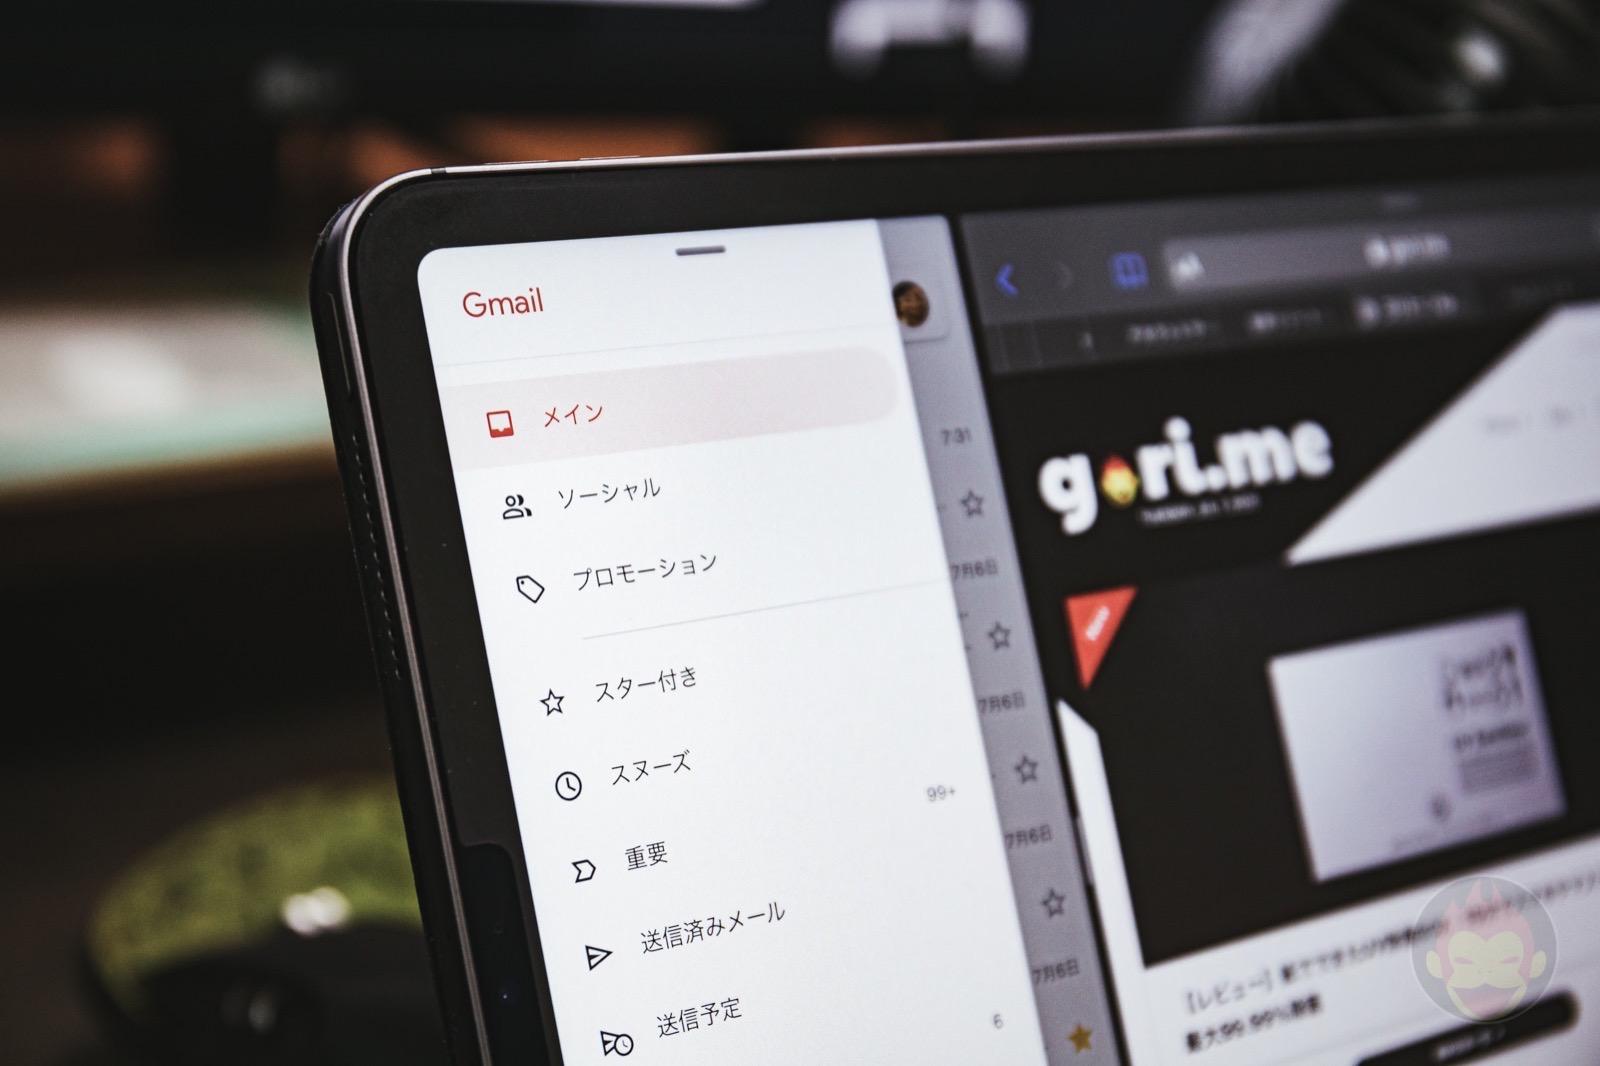 iPad-Pro-Gmail-App-Split-View-Support-01.jpg